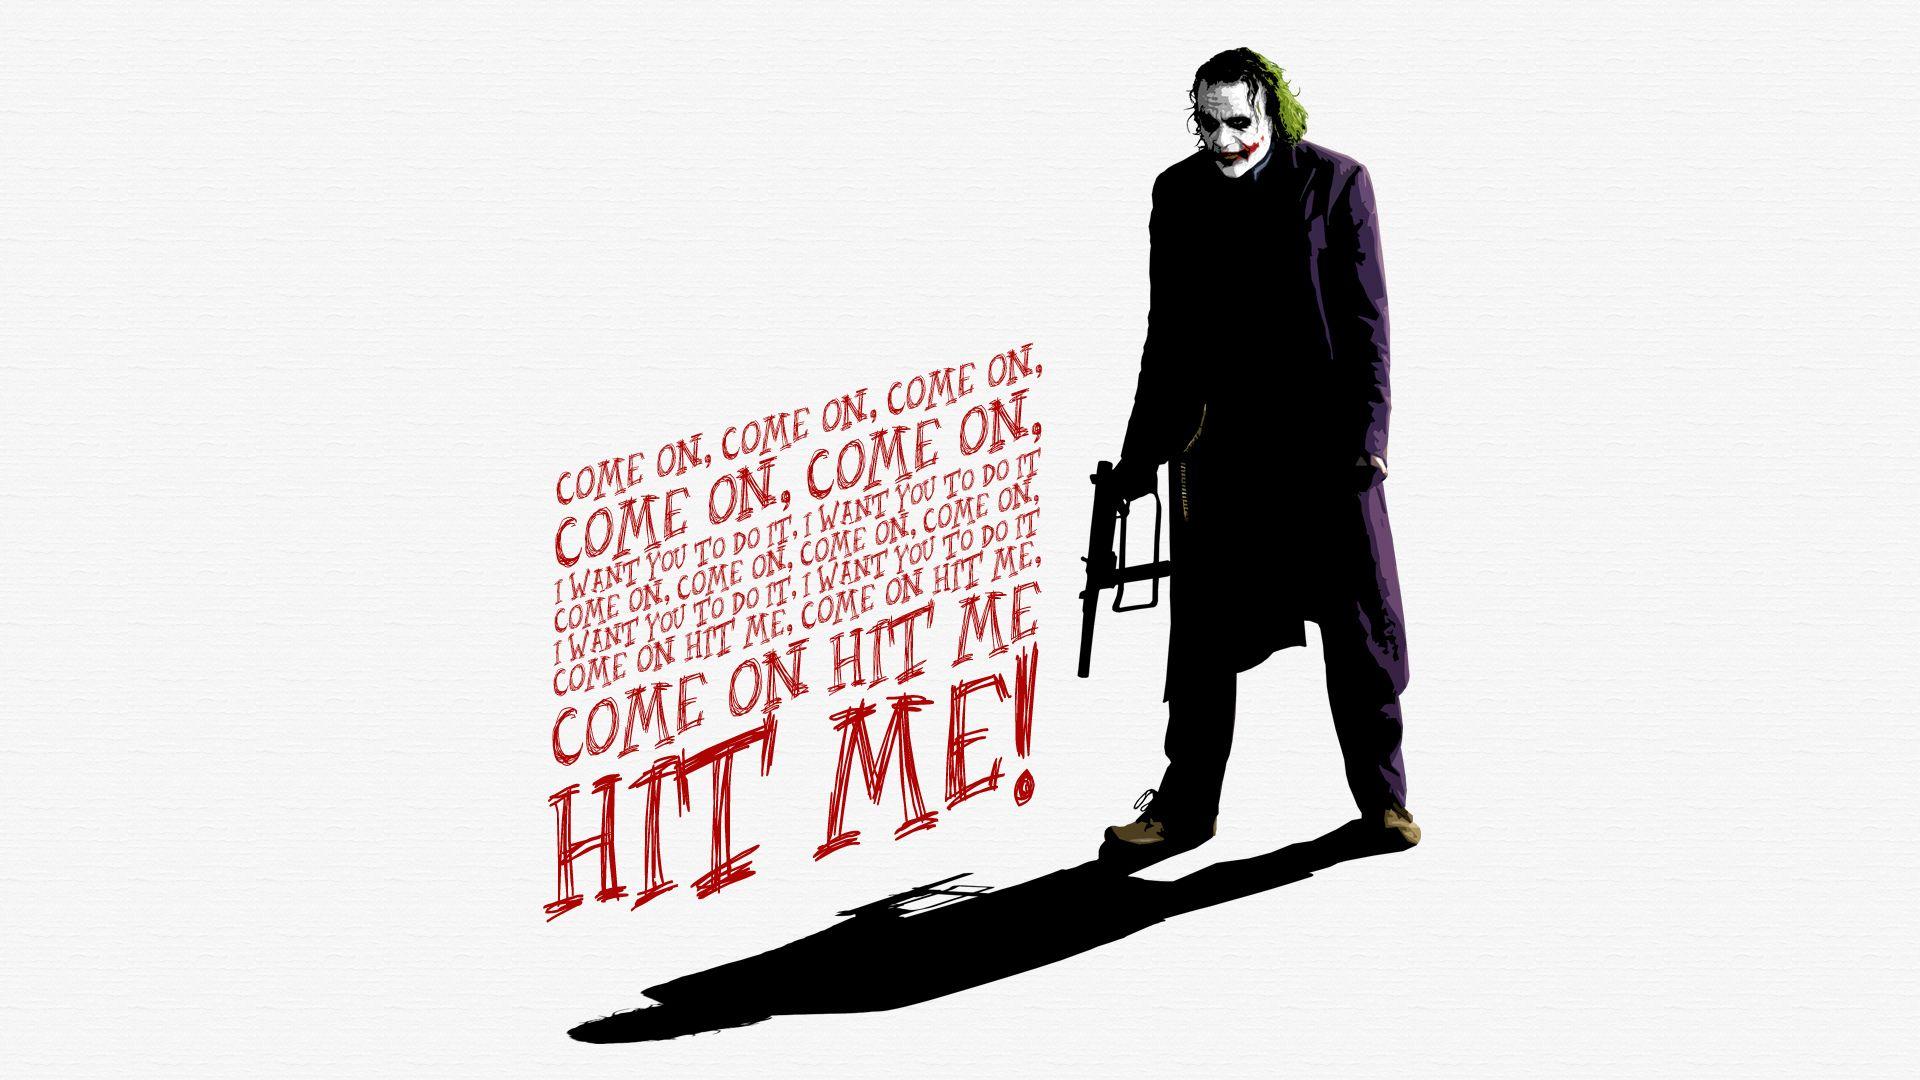 Heath Ledger Joker The Dark knight [1920x1080] Need